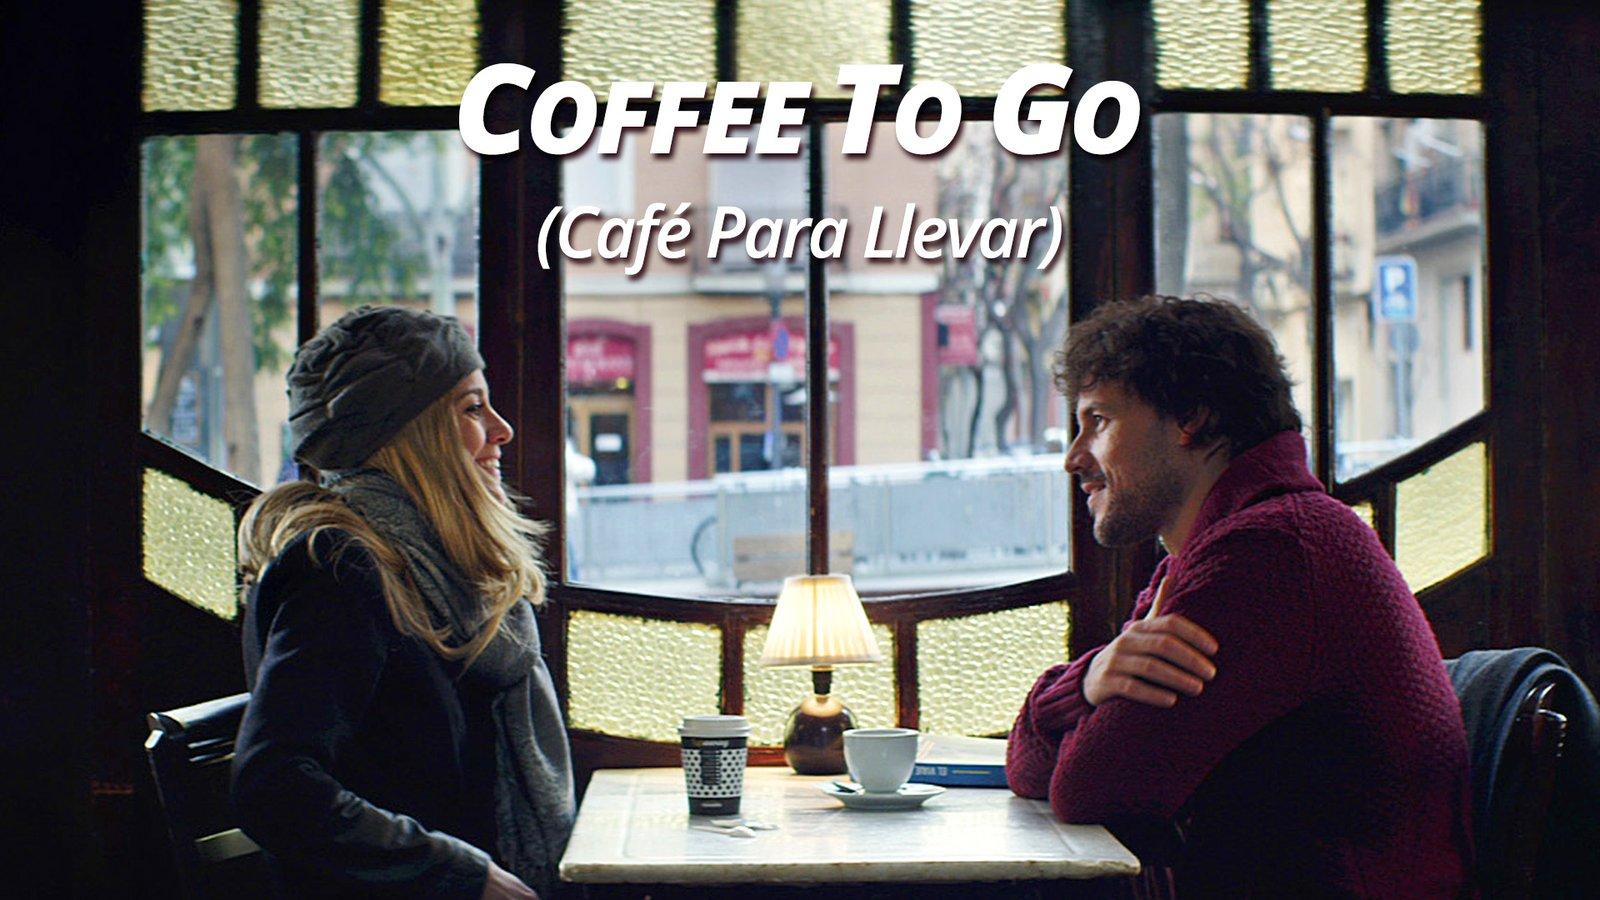 Coffee to Go - Café para llevar